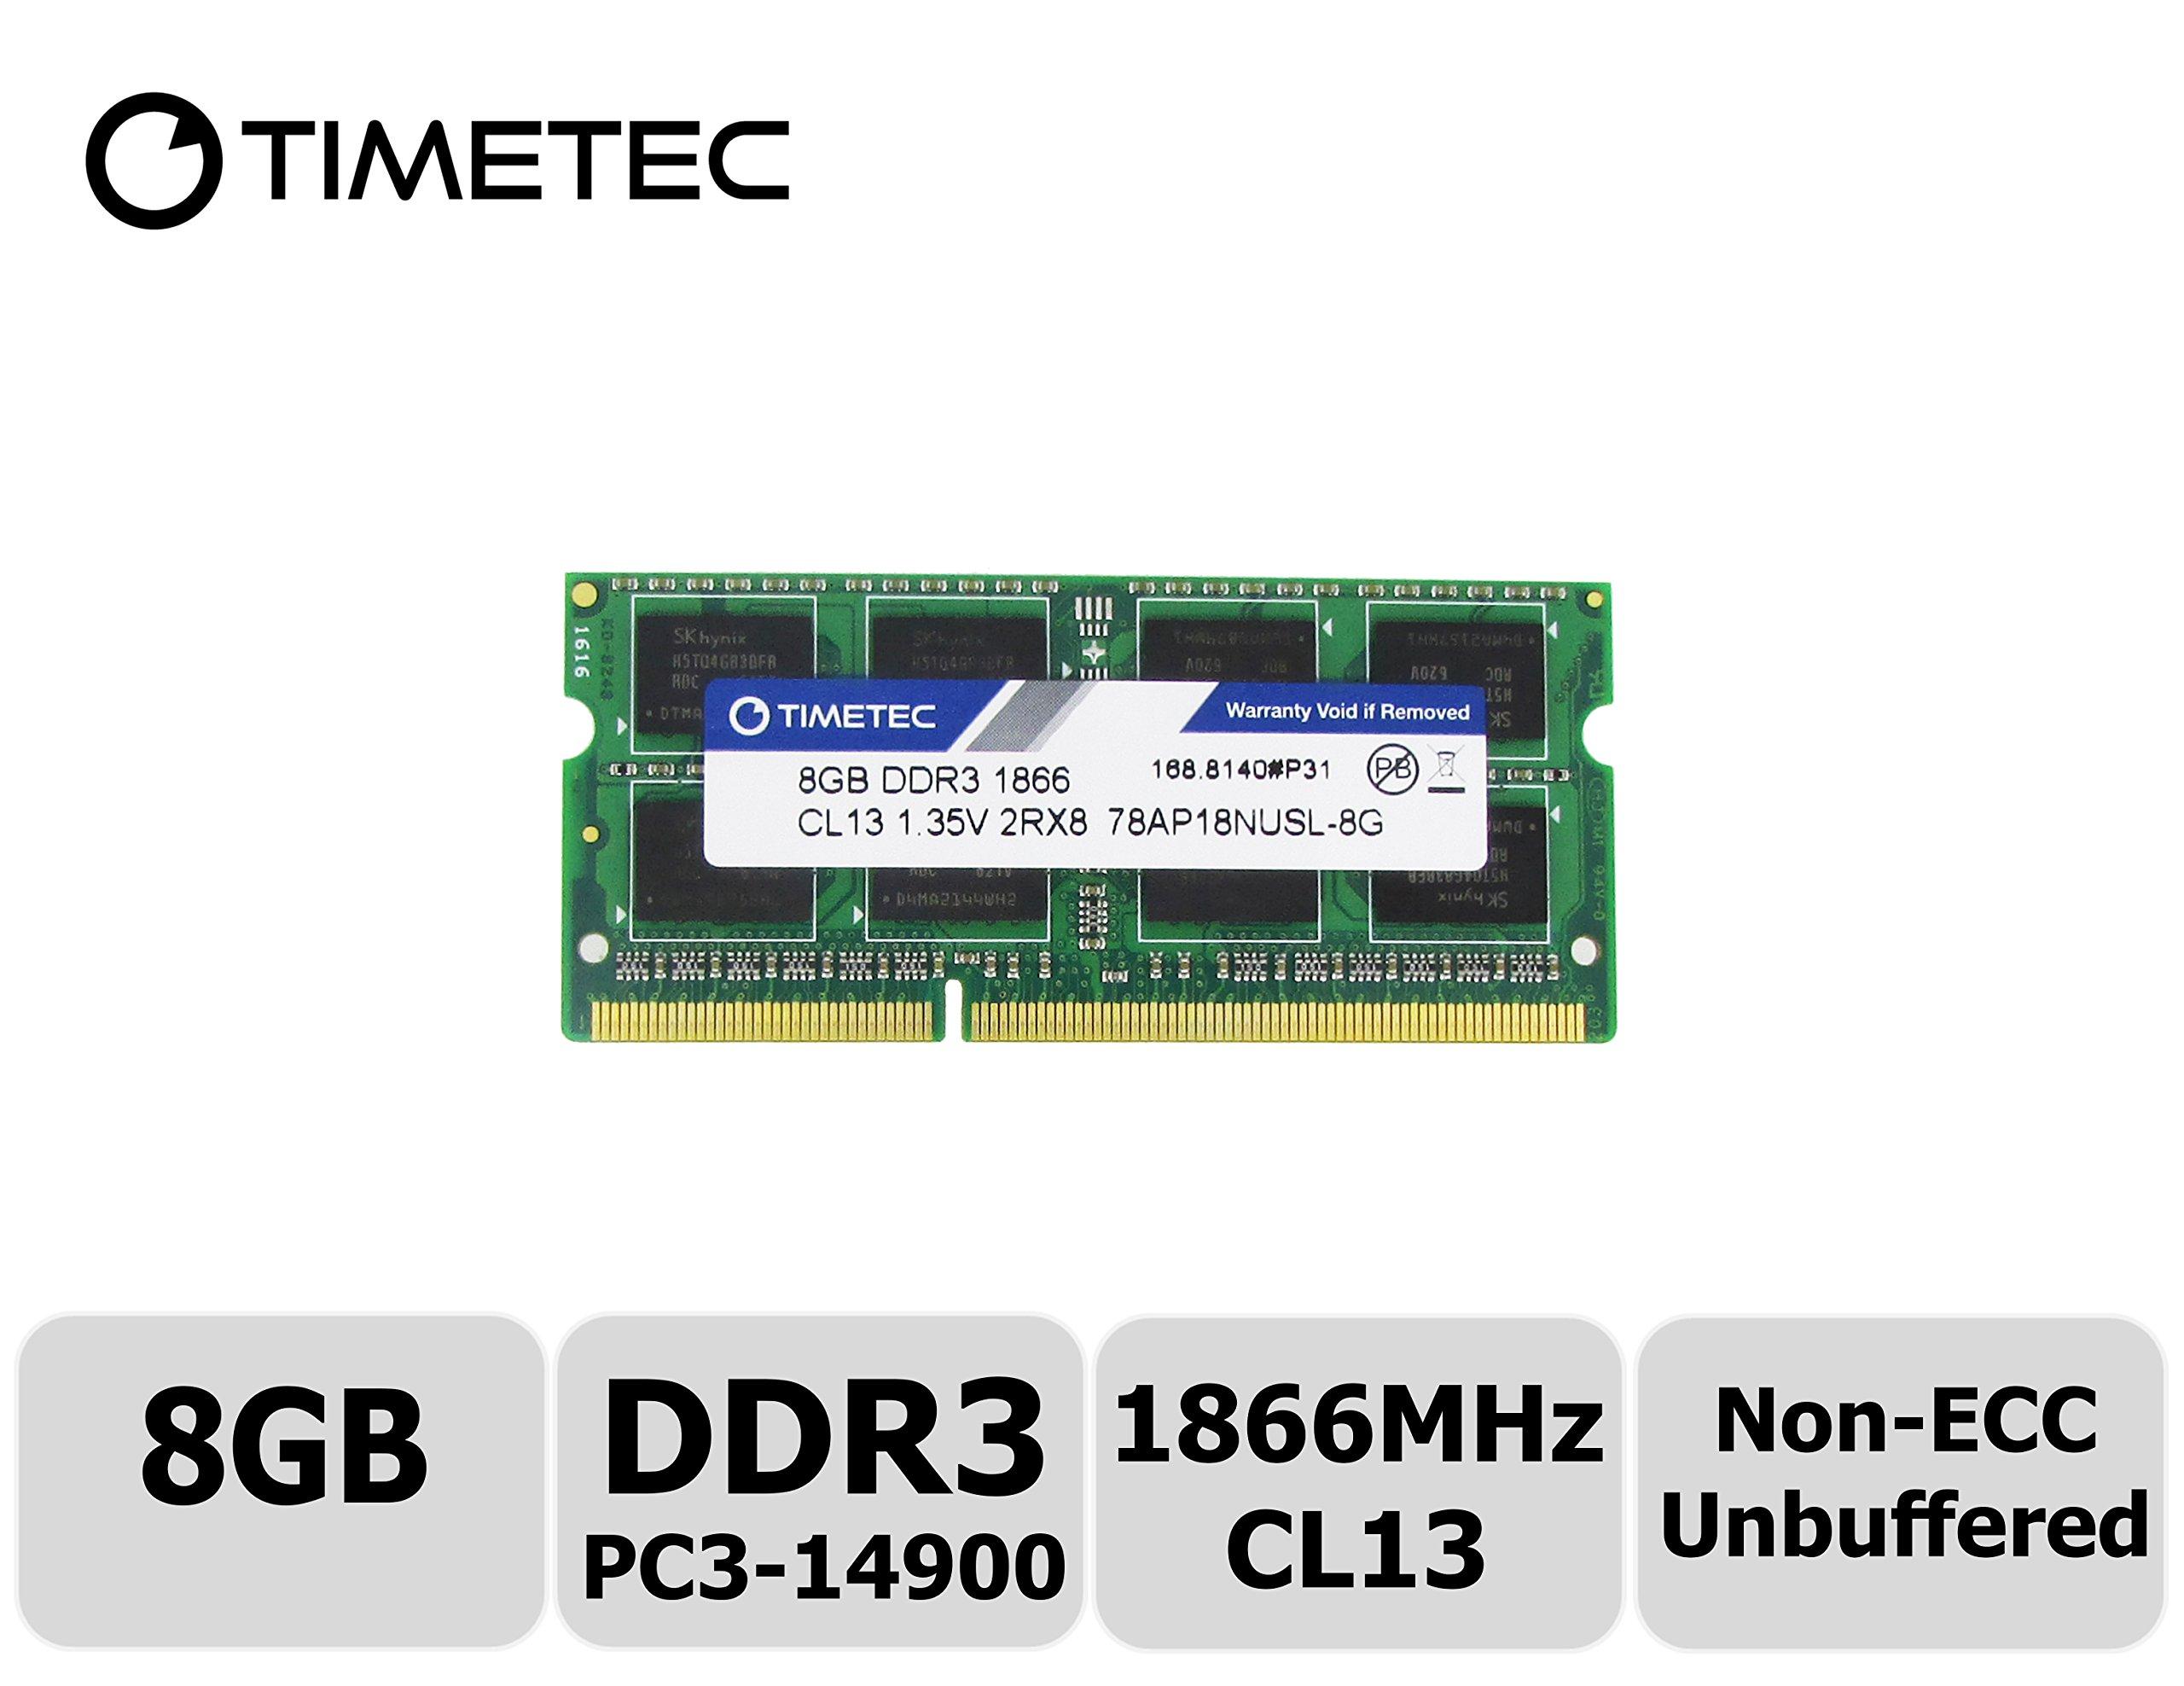 Memoria Ram 8gb Timetec Compatible Ddr3l 1866mhz Pc3-14900 Unbuffered Non-ecc 1.35v Cl13 2rx8 Dual Rank 204 Pin Sodimm M